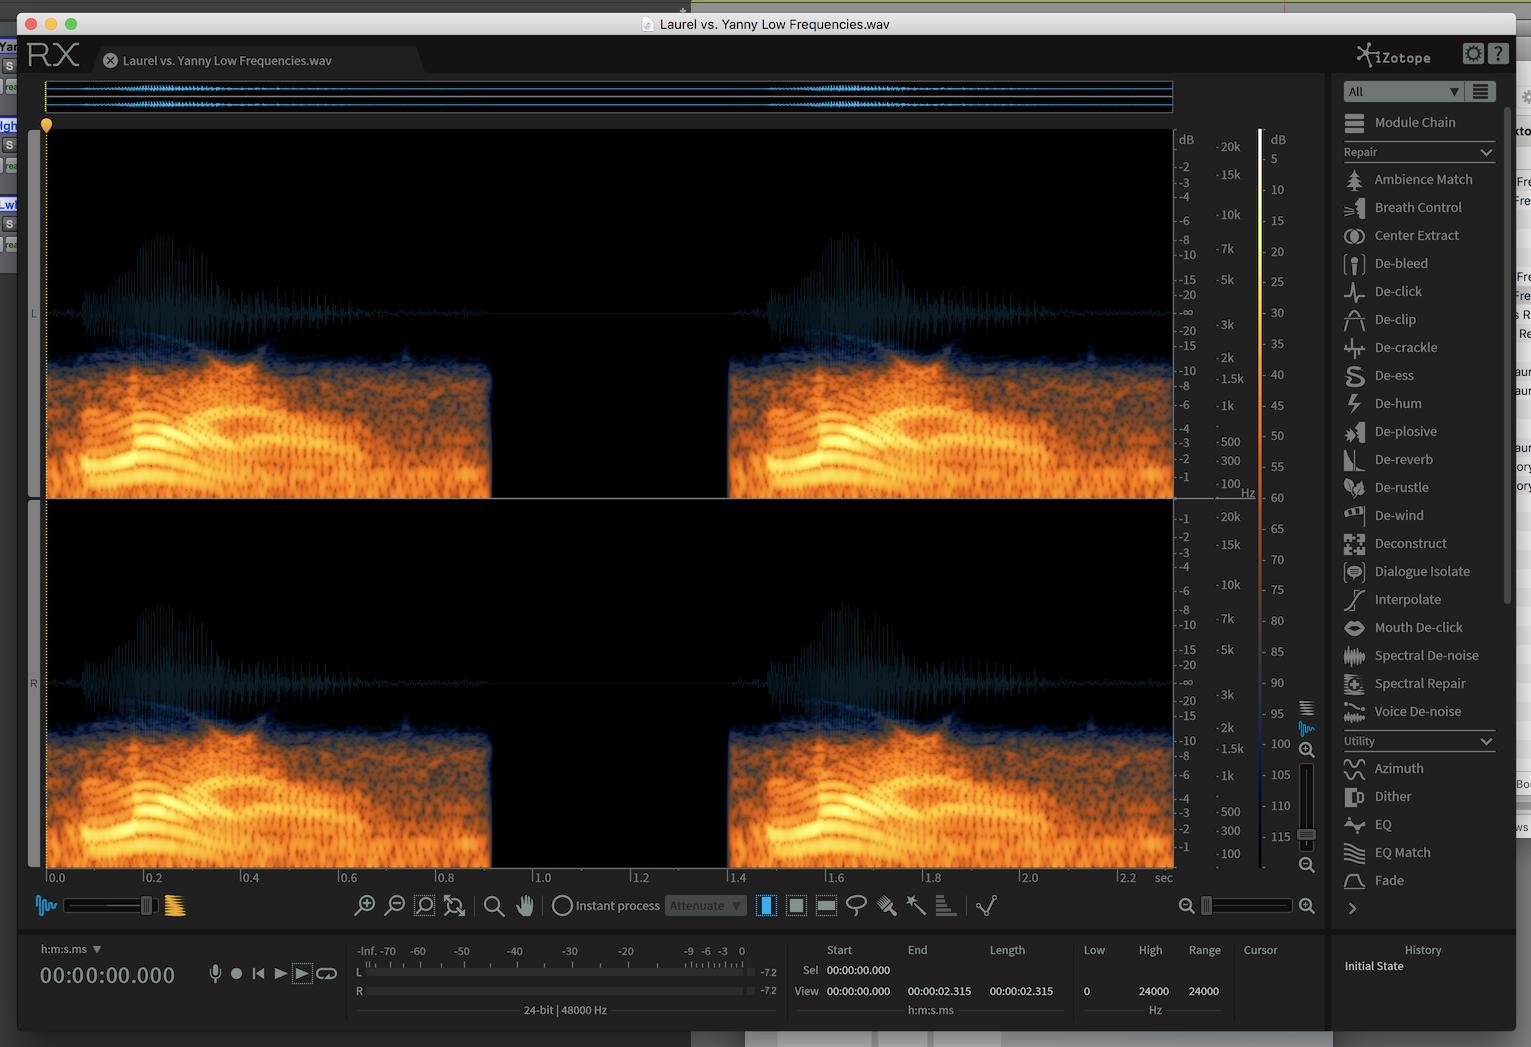 How Yanny vs. Laurel Reveals Flaws in How We Listen to Audio